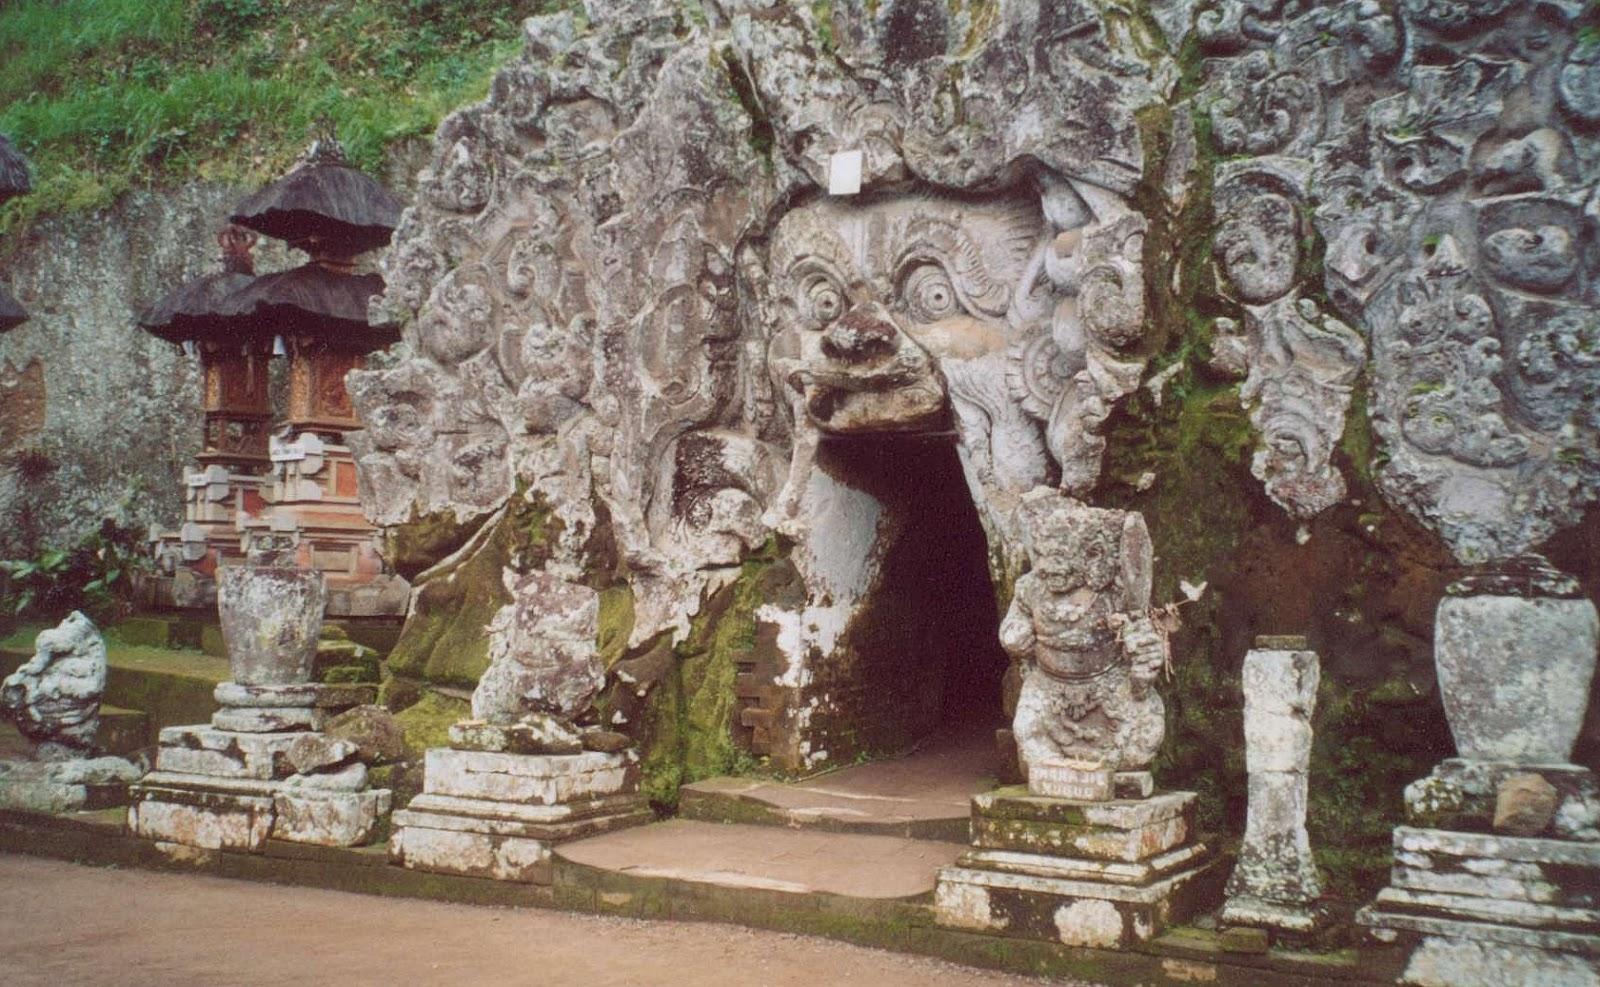 Sejarah Kerajaan Bali Kuno Lengkap Singkat Peninggalannya Peninggalan Prasasti Blanjong